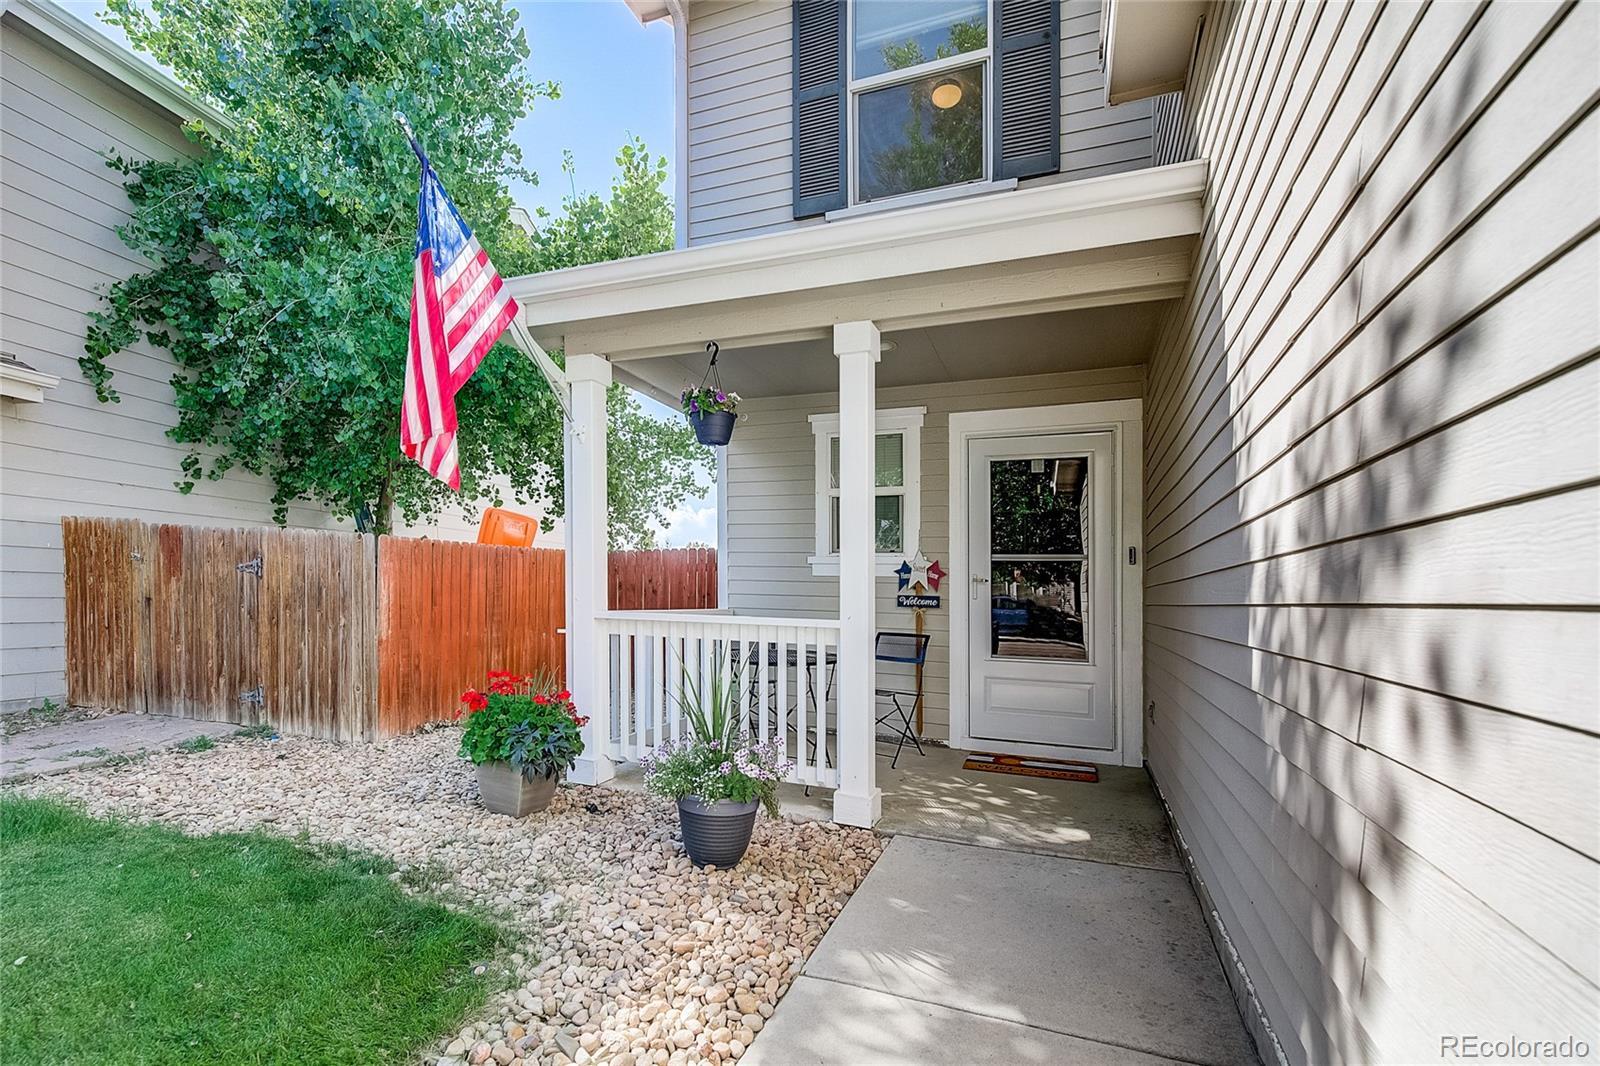 MLS# 5958307 - 4 - 10683 Butte Drive, Longmont, CO 80504